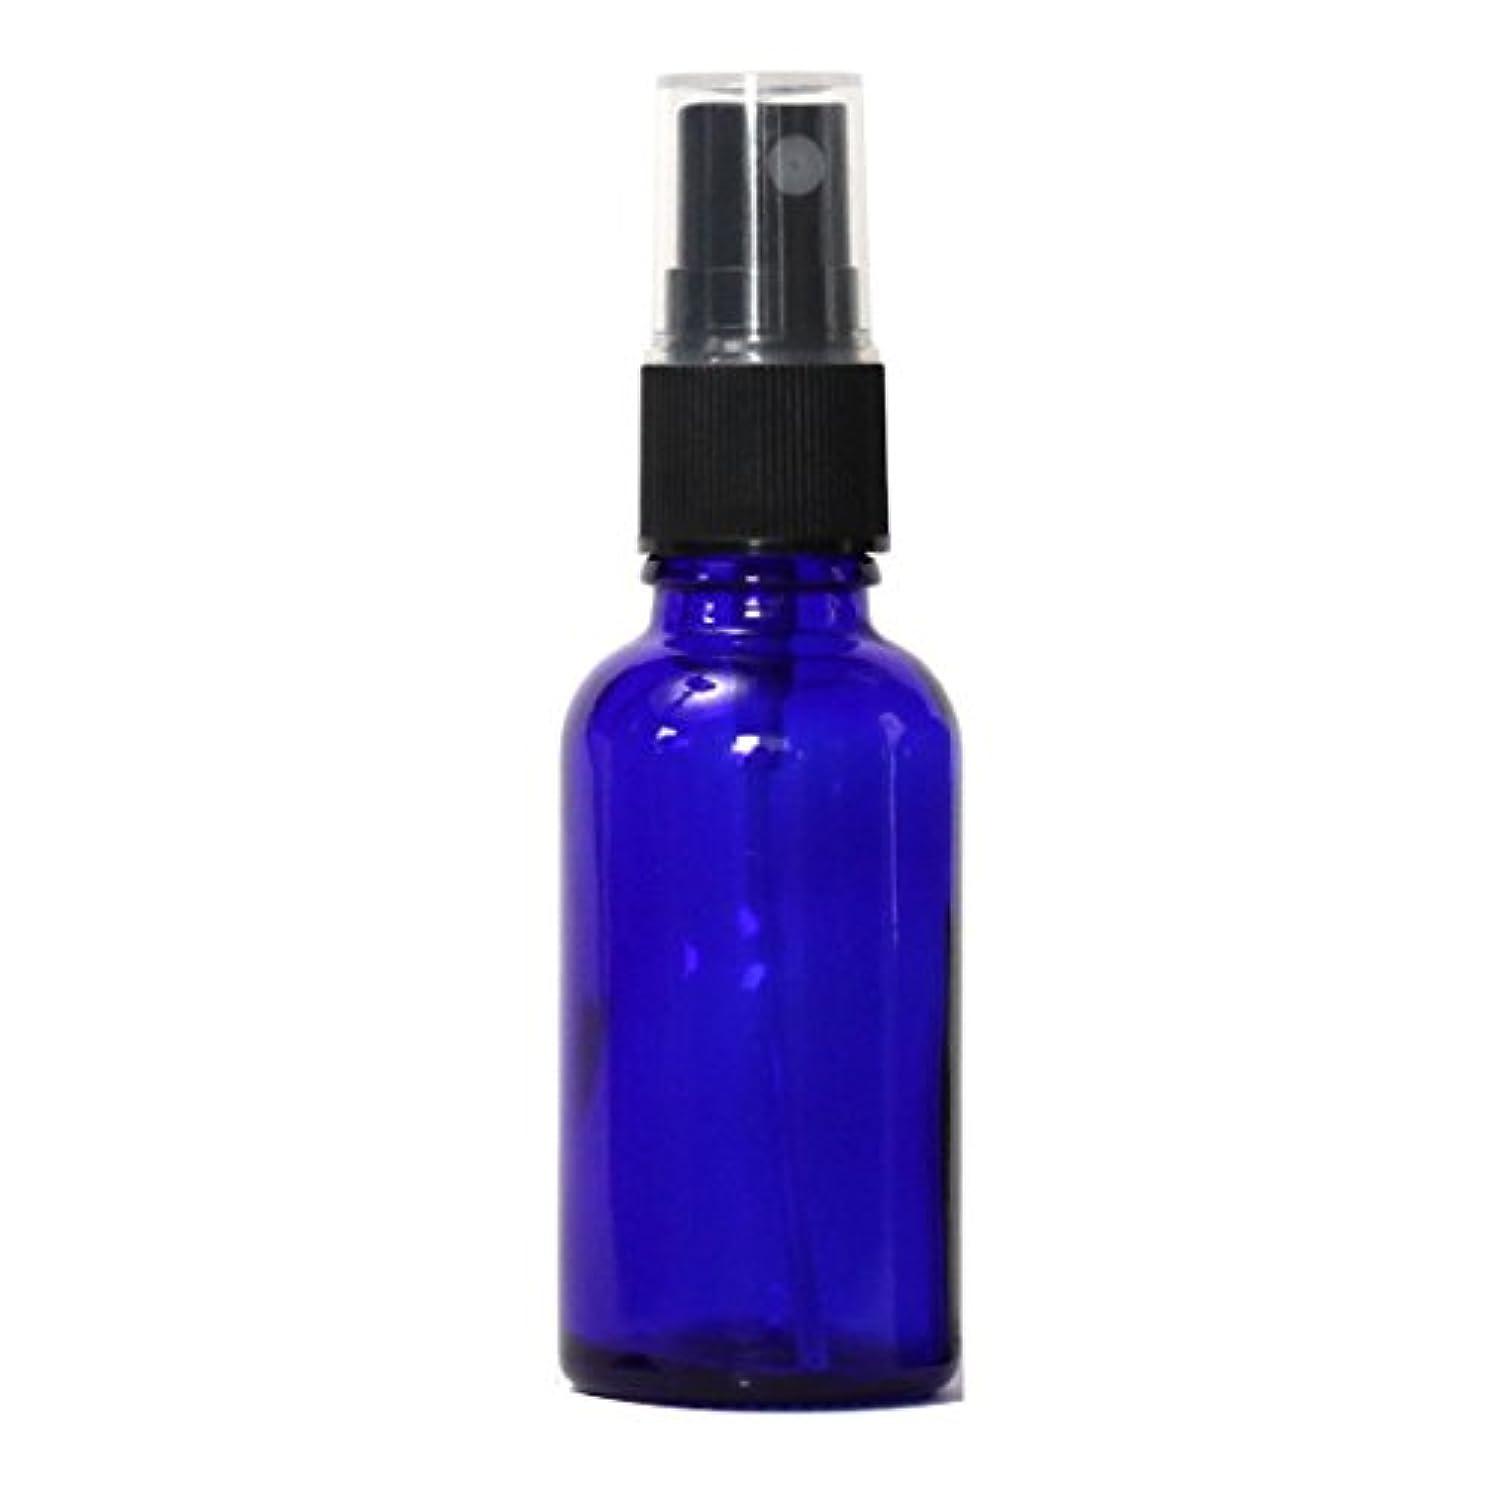 差別ツーリストマイクロプロセッサスプレーガラス瓶ボトル 30mL 遮光性ブルー おしゃれガラスアトマイザー 空容器